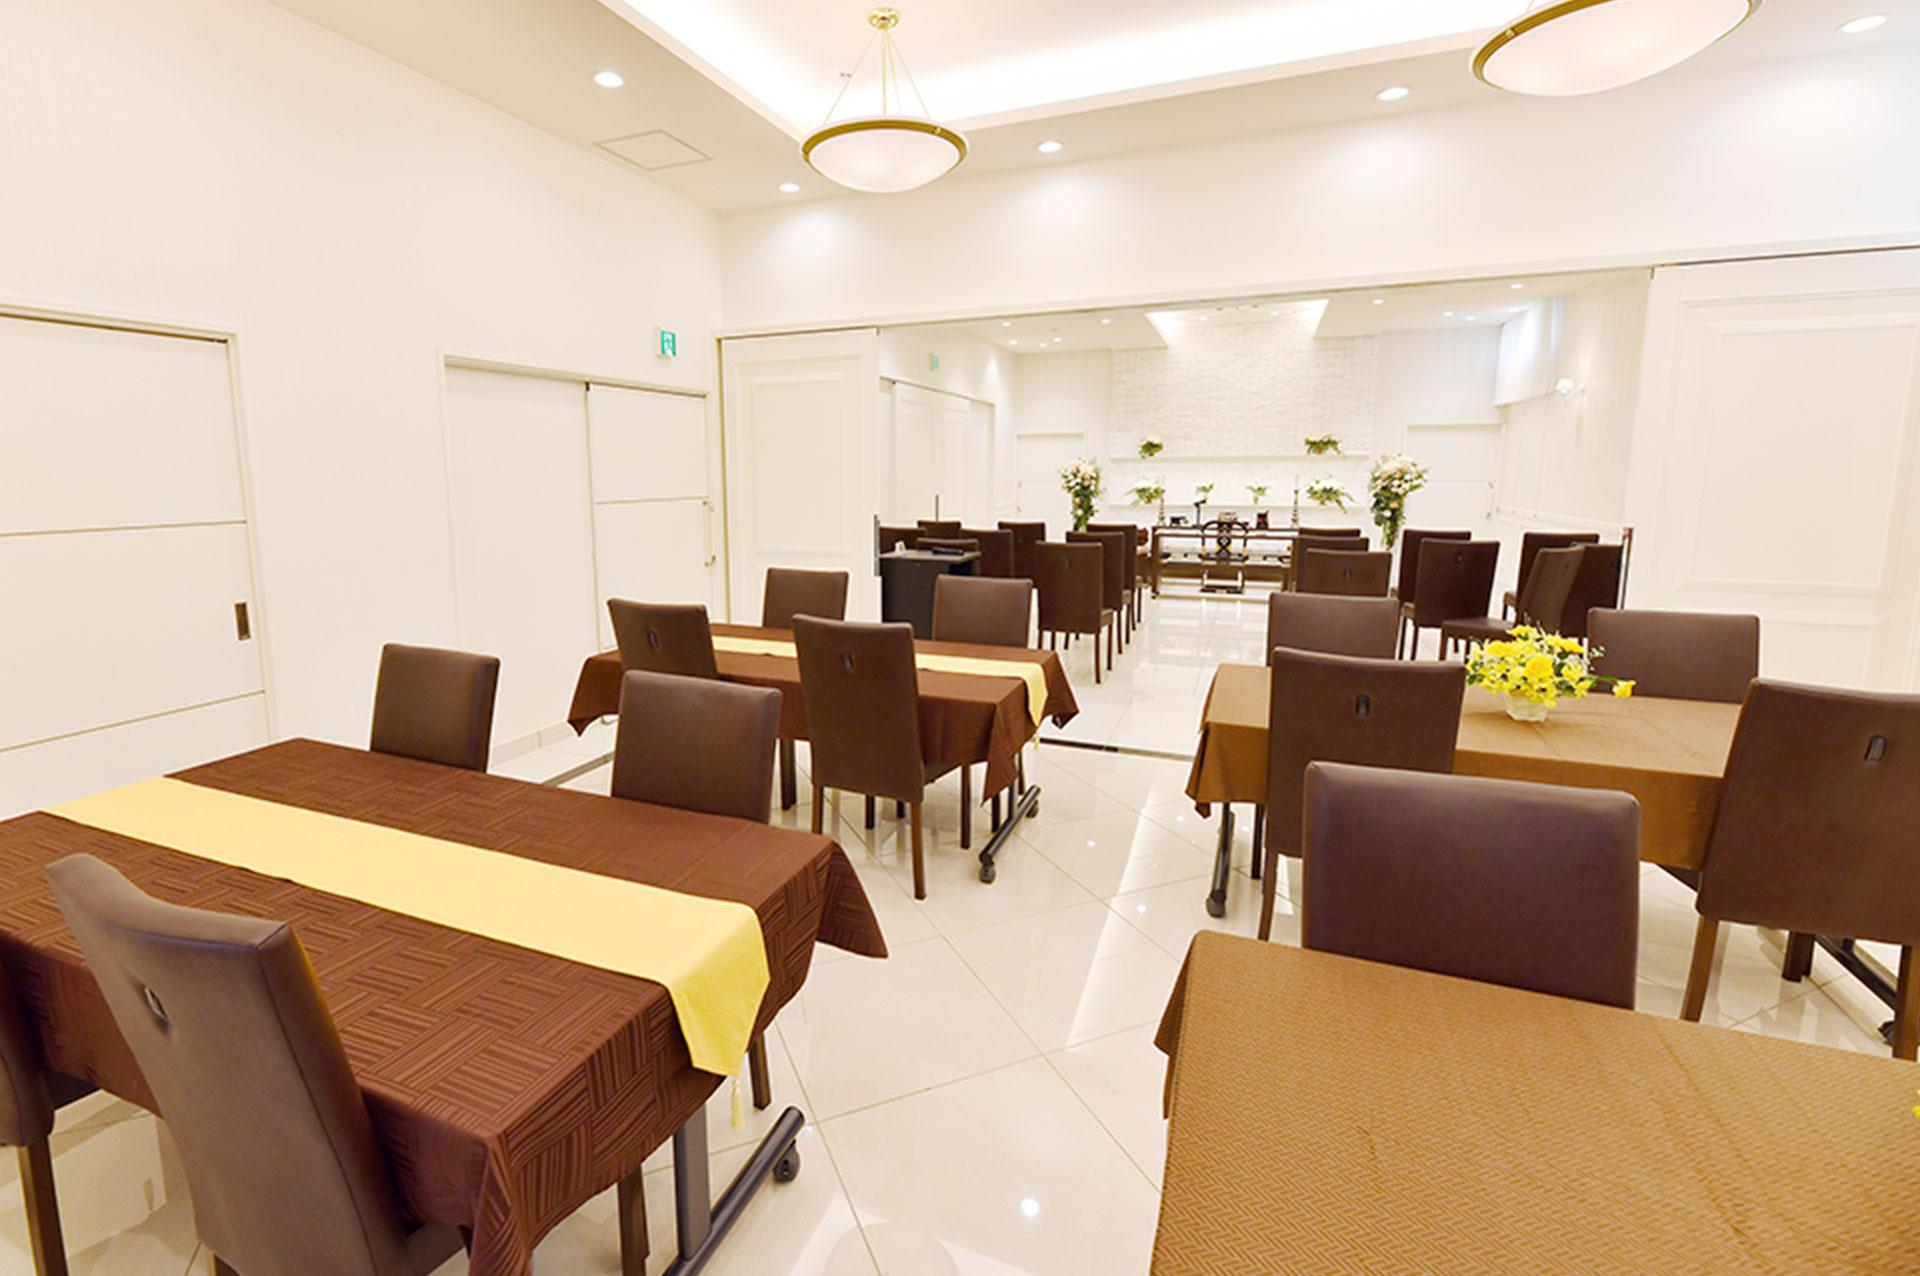 仙和 仙台柳生ホールの特徴